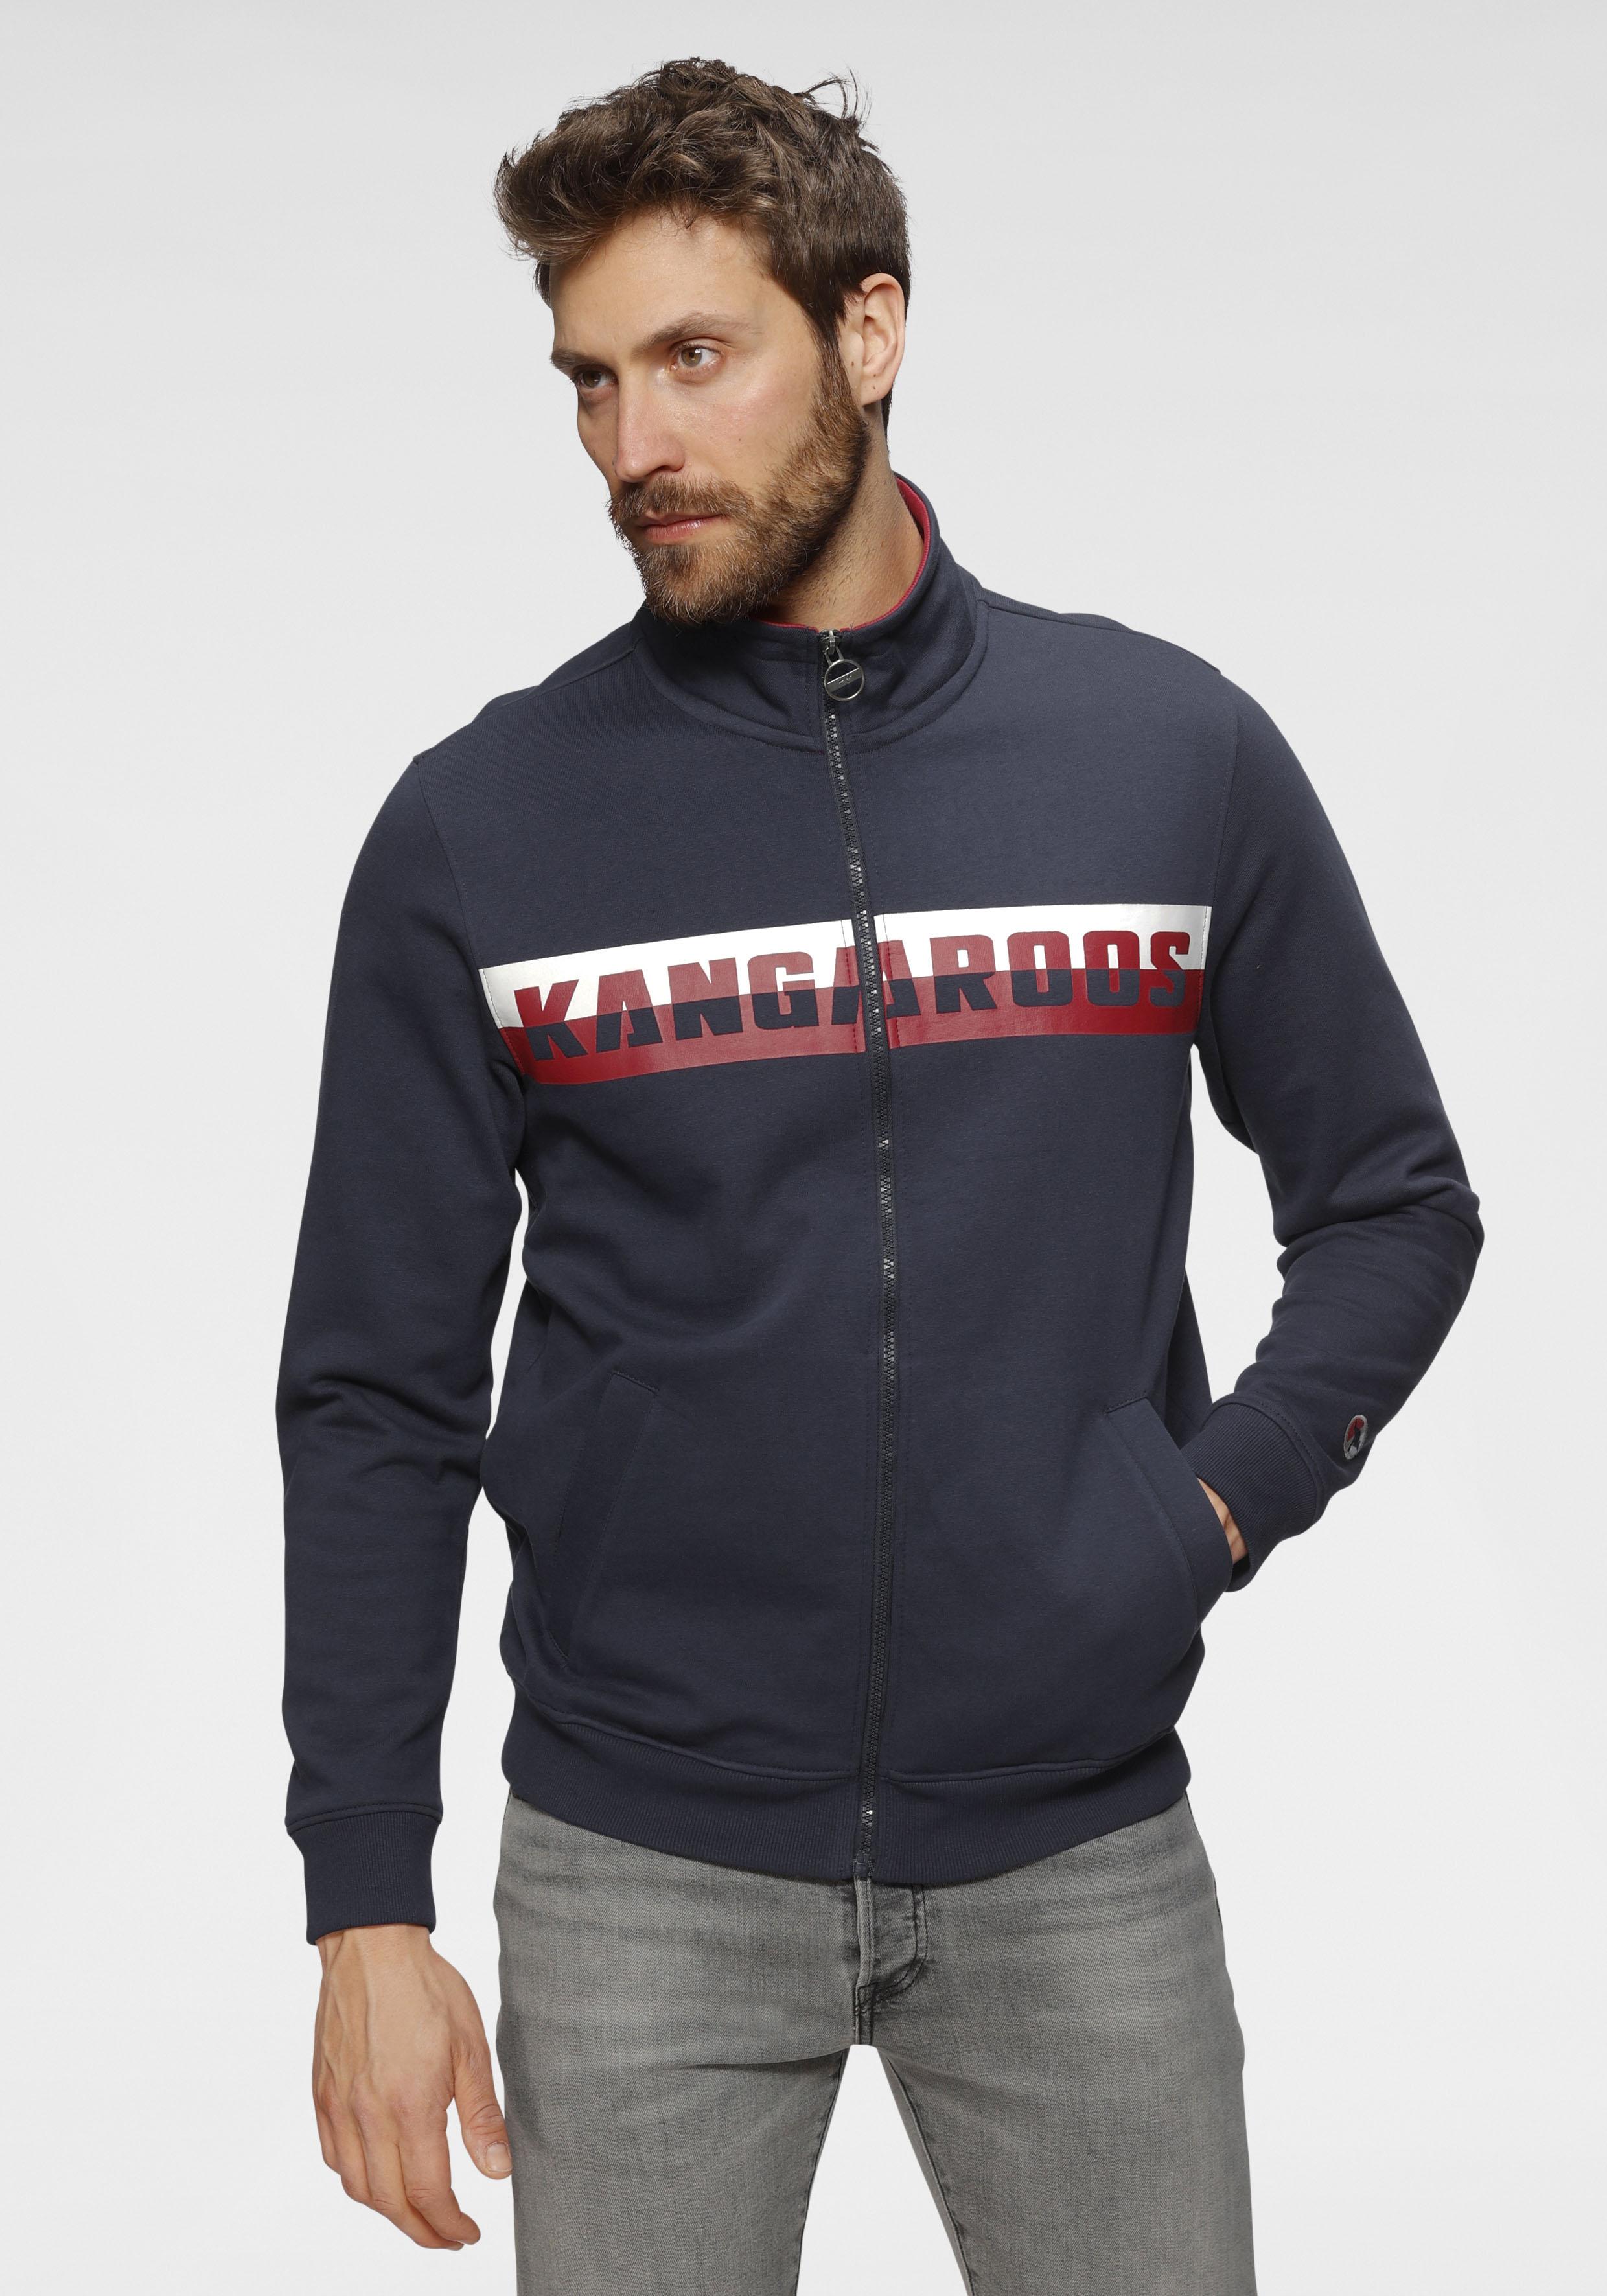 kangaroos -  Sweatjacke, mit farbigem Logoprint